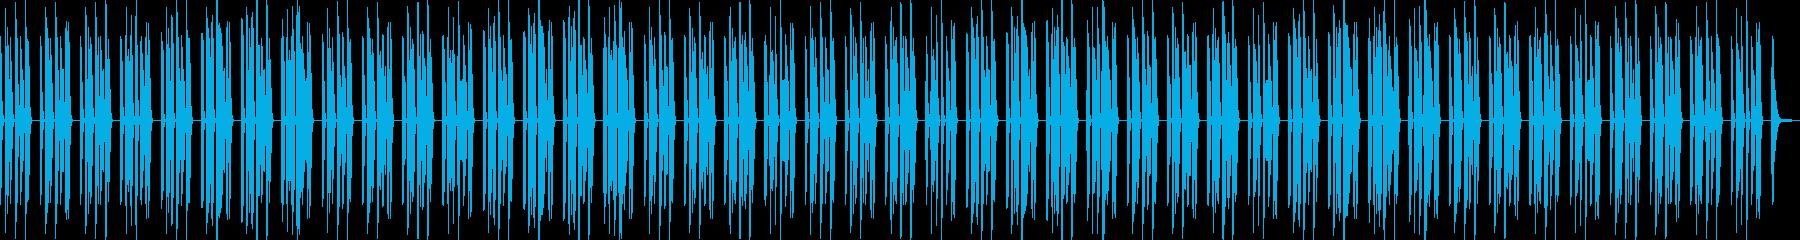 ほのぼの・コミカル・ゆるい・日常の再生済みの波形